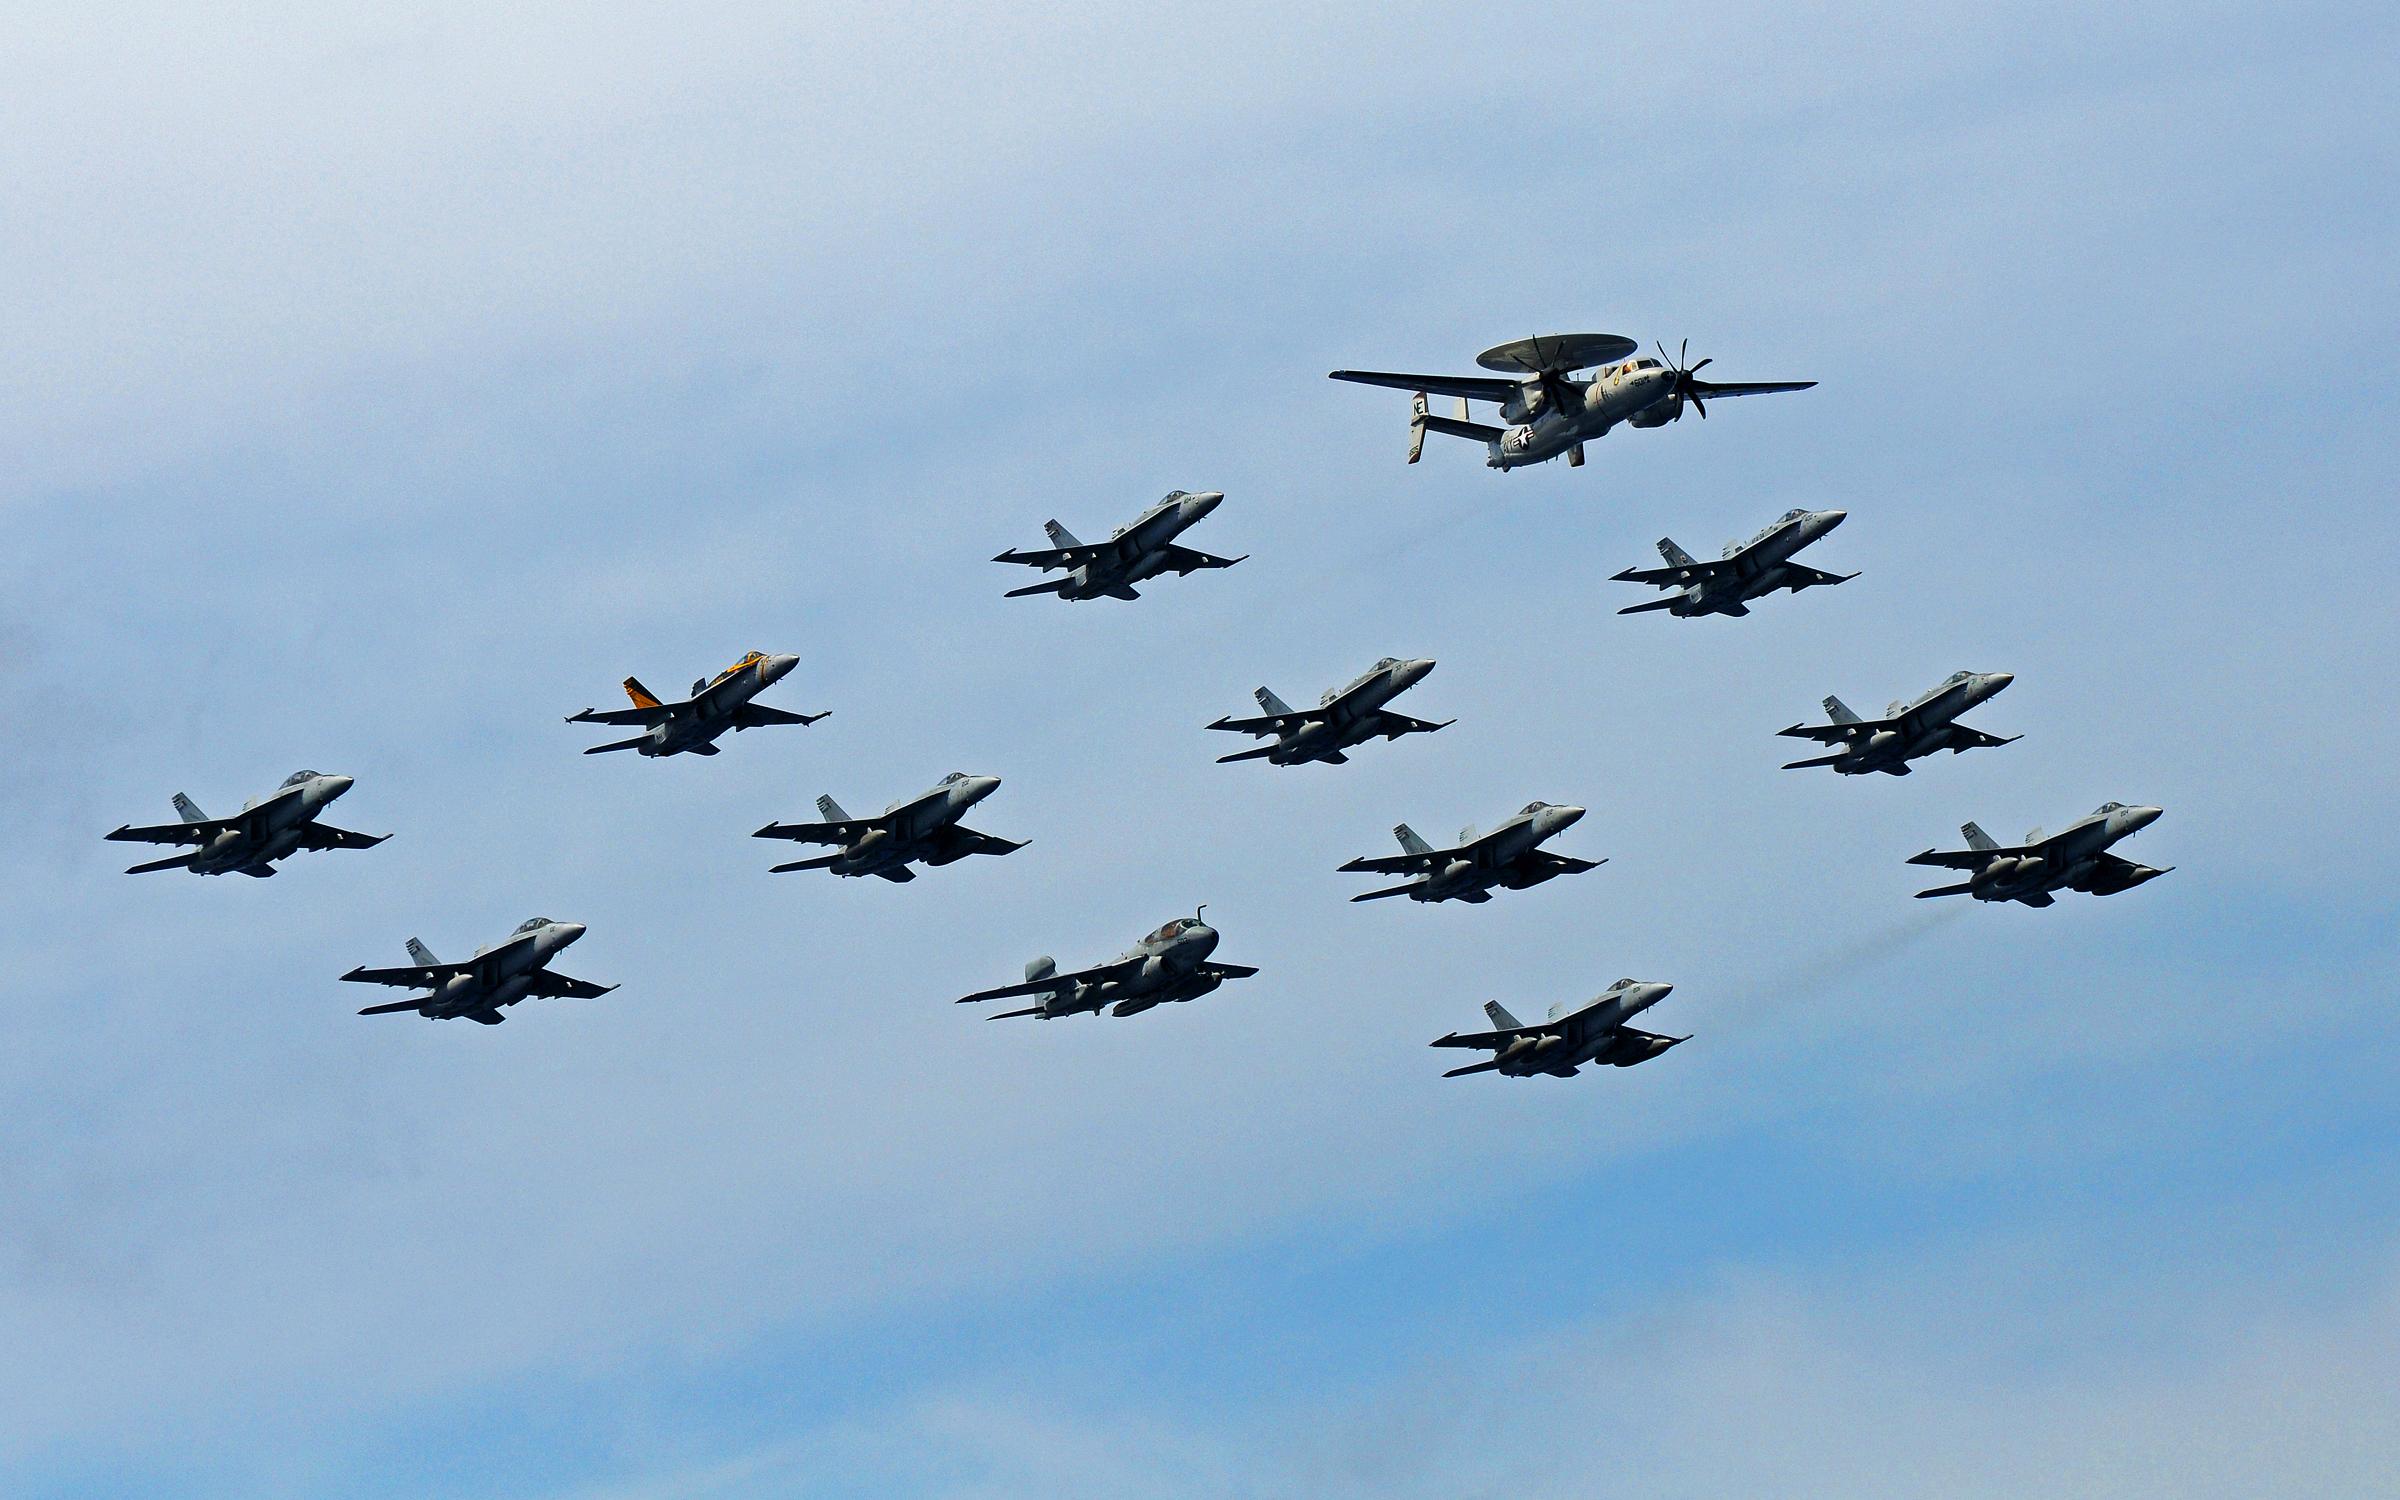 Zdjęcie przedstawia eskadrę myśliwców z lotniskowca SS Abraham Lincoln (CVN 72) lecącą wraz z E-2C. Marzec 2011